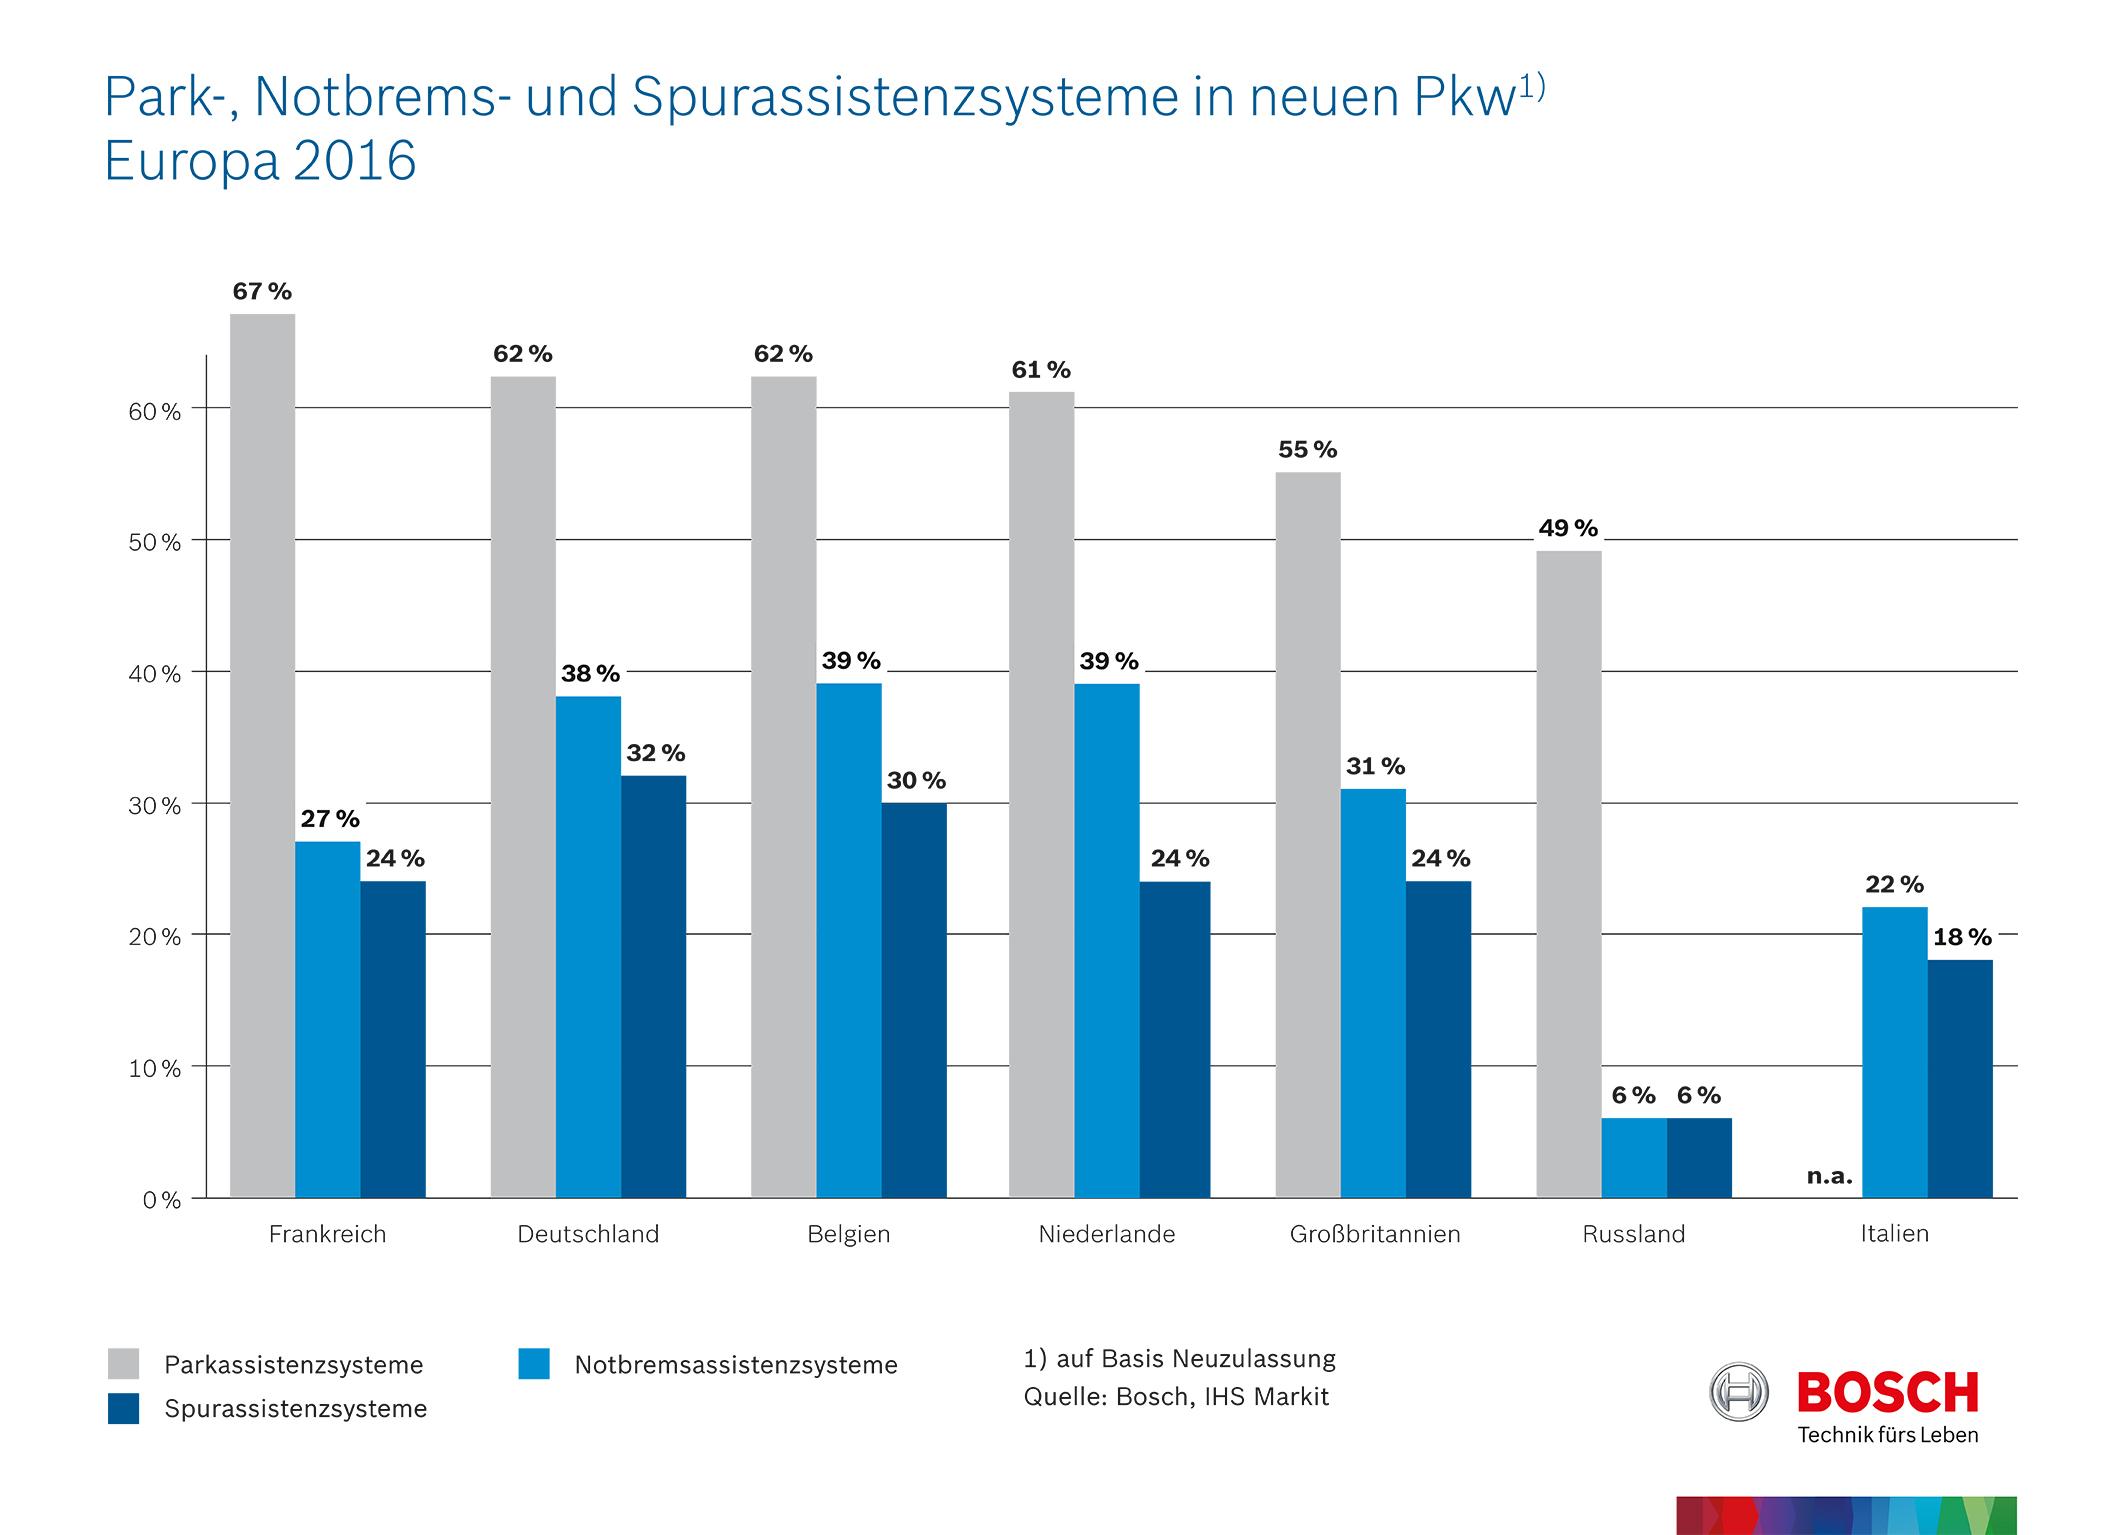 Park-, Notbrems- und Spurassistenzsysteme in neuen Pkw, Europa 2016